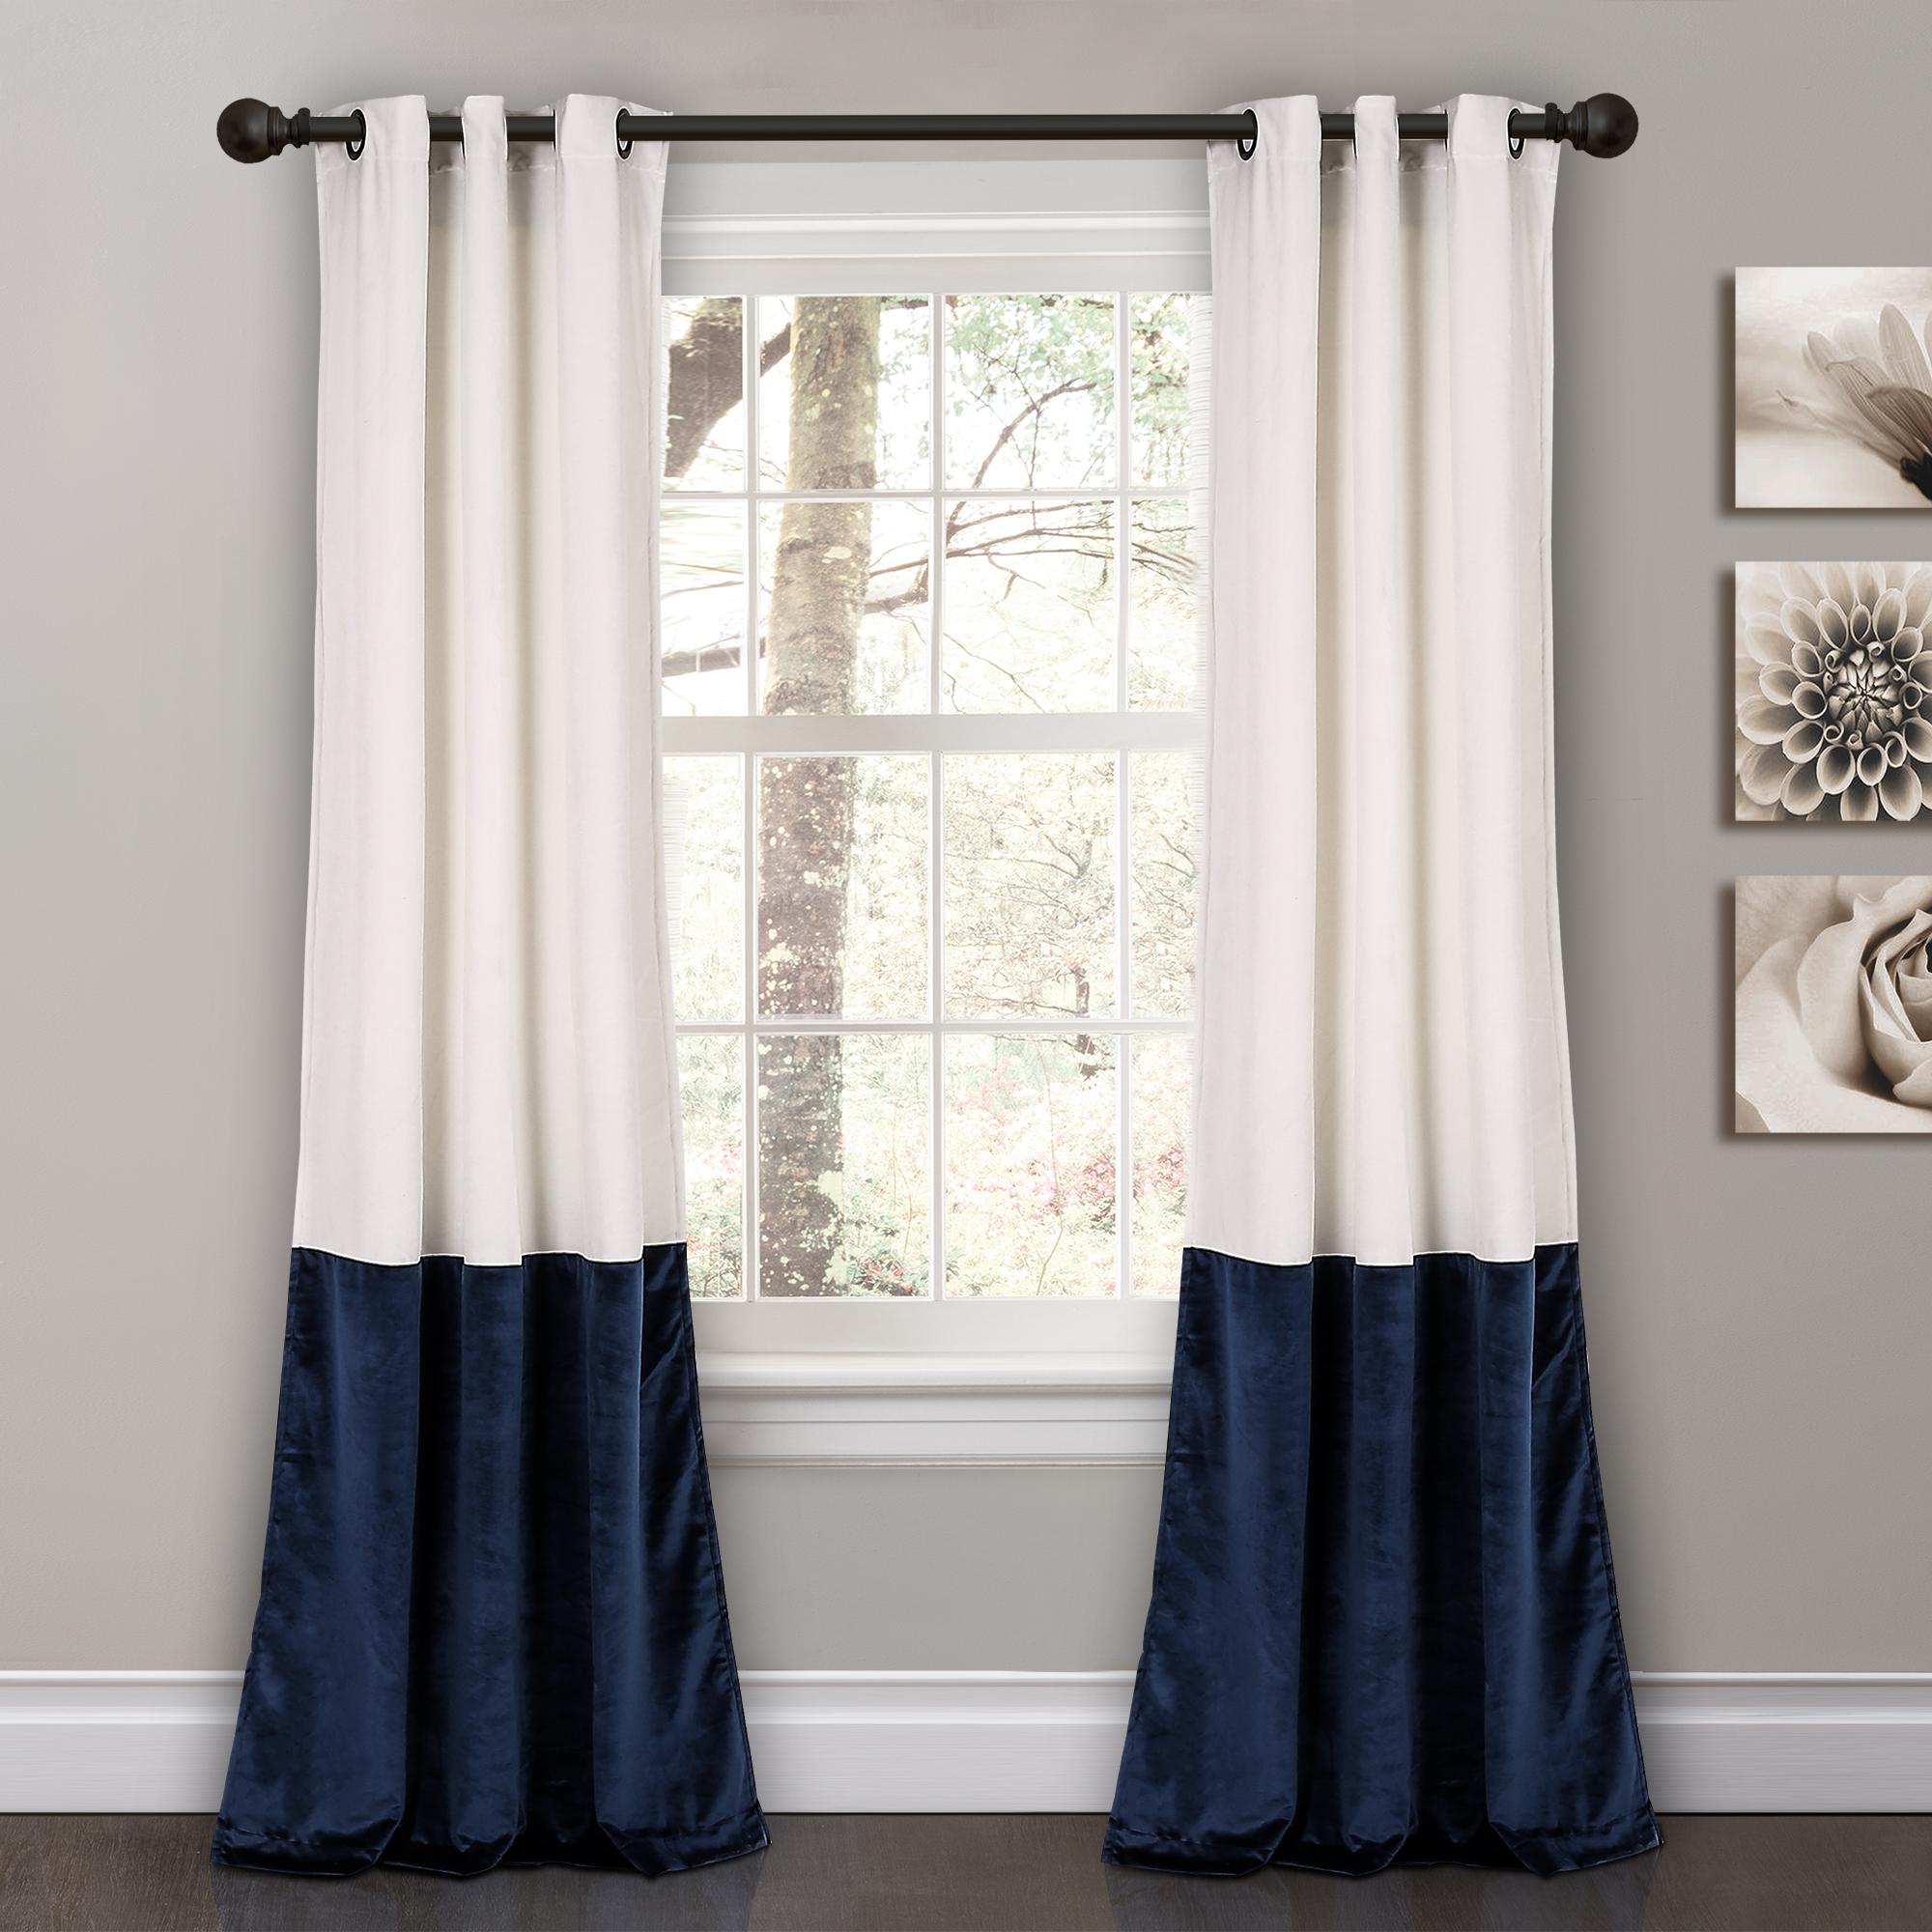 """Details About Prima Velvet Color Block Room Darkening Window Curtain Panel  Pair, 84"""" X 38"""" regarding Mid Century Geo Room Darkening Window Curtain Panel Pairs (Image 3 of 20)"""